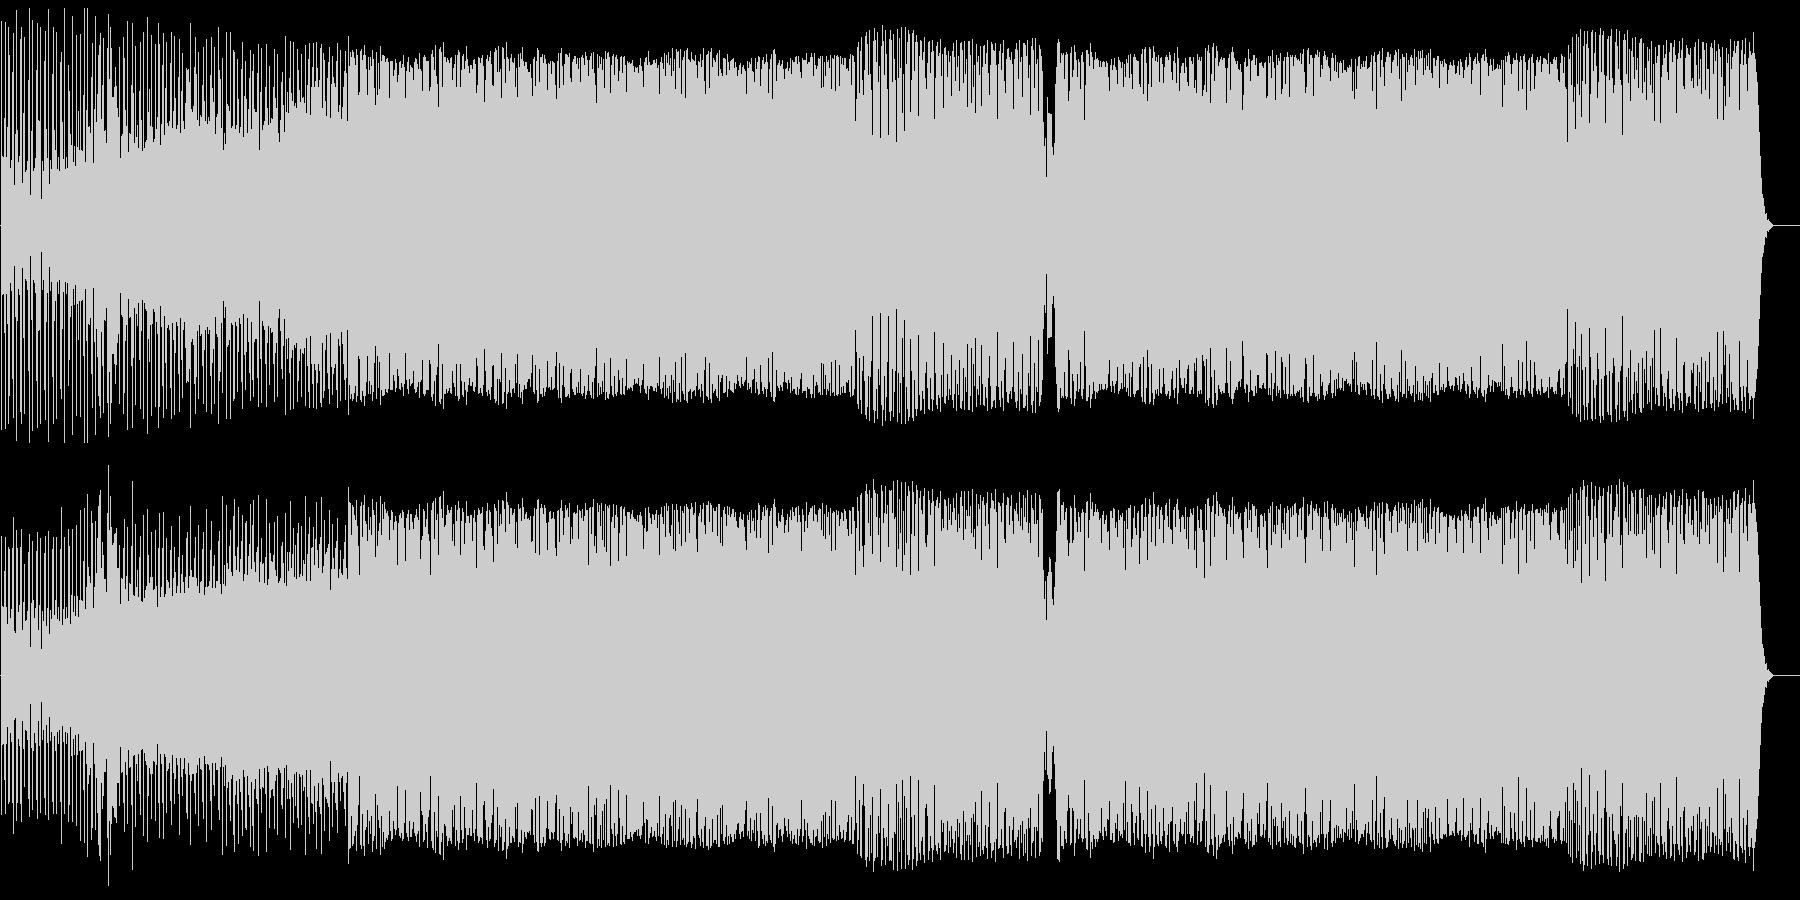 ザラザラしたサウンドが特徴のミニマル風の未再生の波形